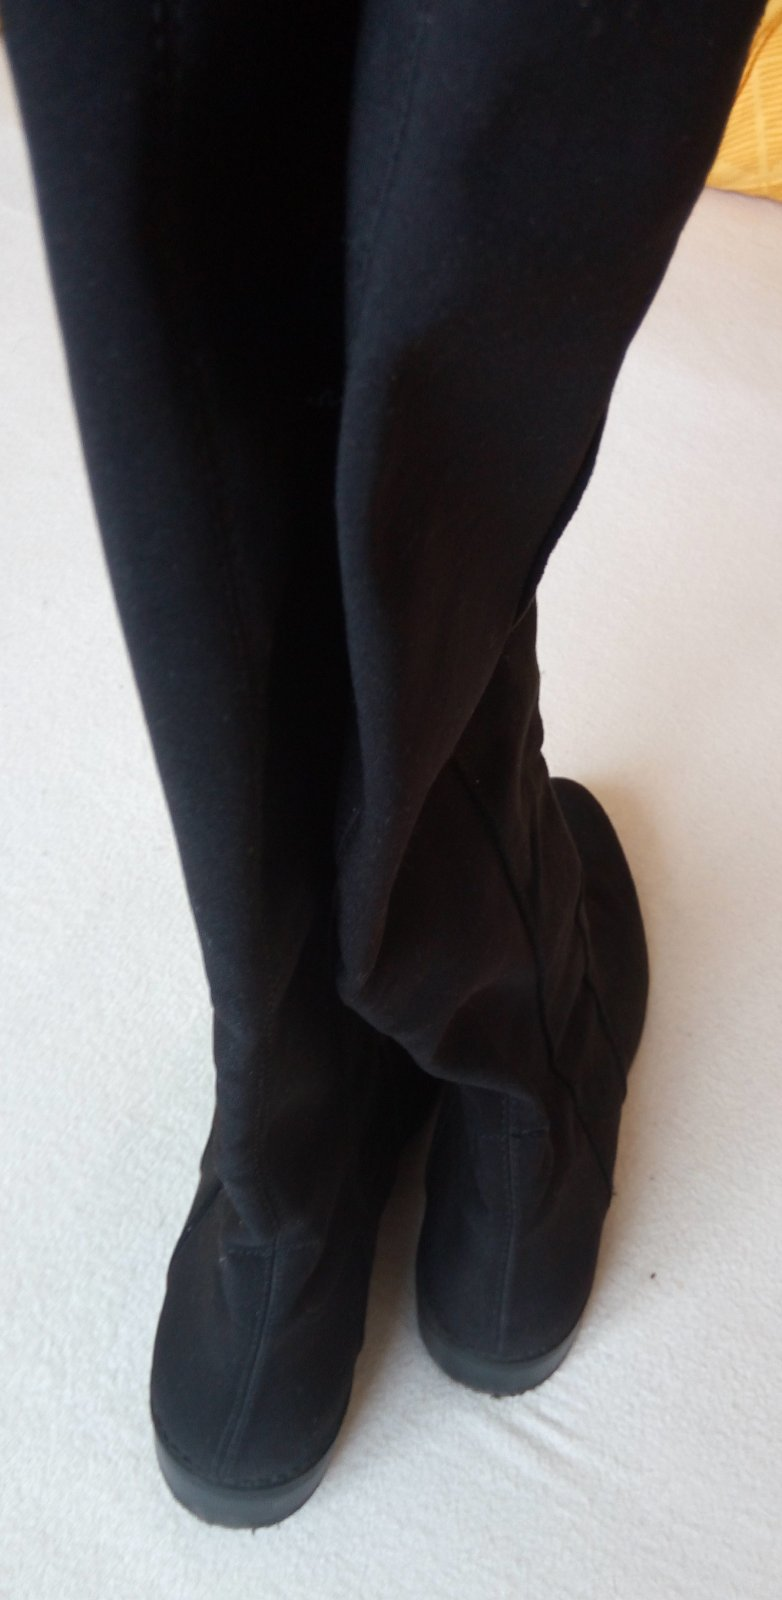 Čierne vysoké čižmy 38 - Obrázok č. 2